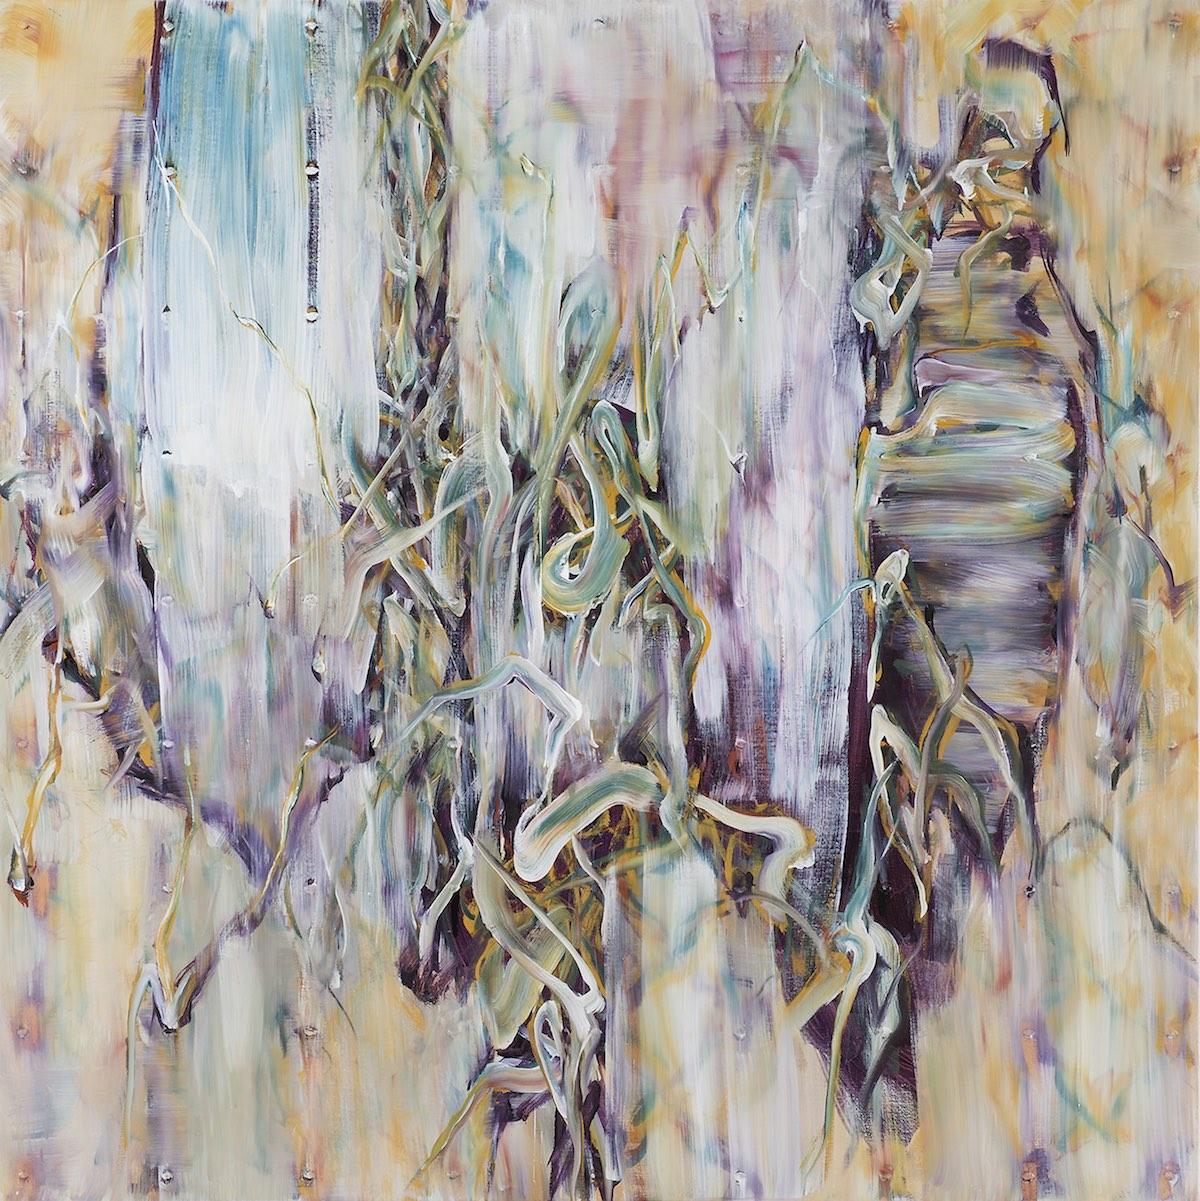 『茫揺('15-Oct.)』キャンバス、油彩 162cm×162cm 2015年